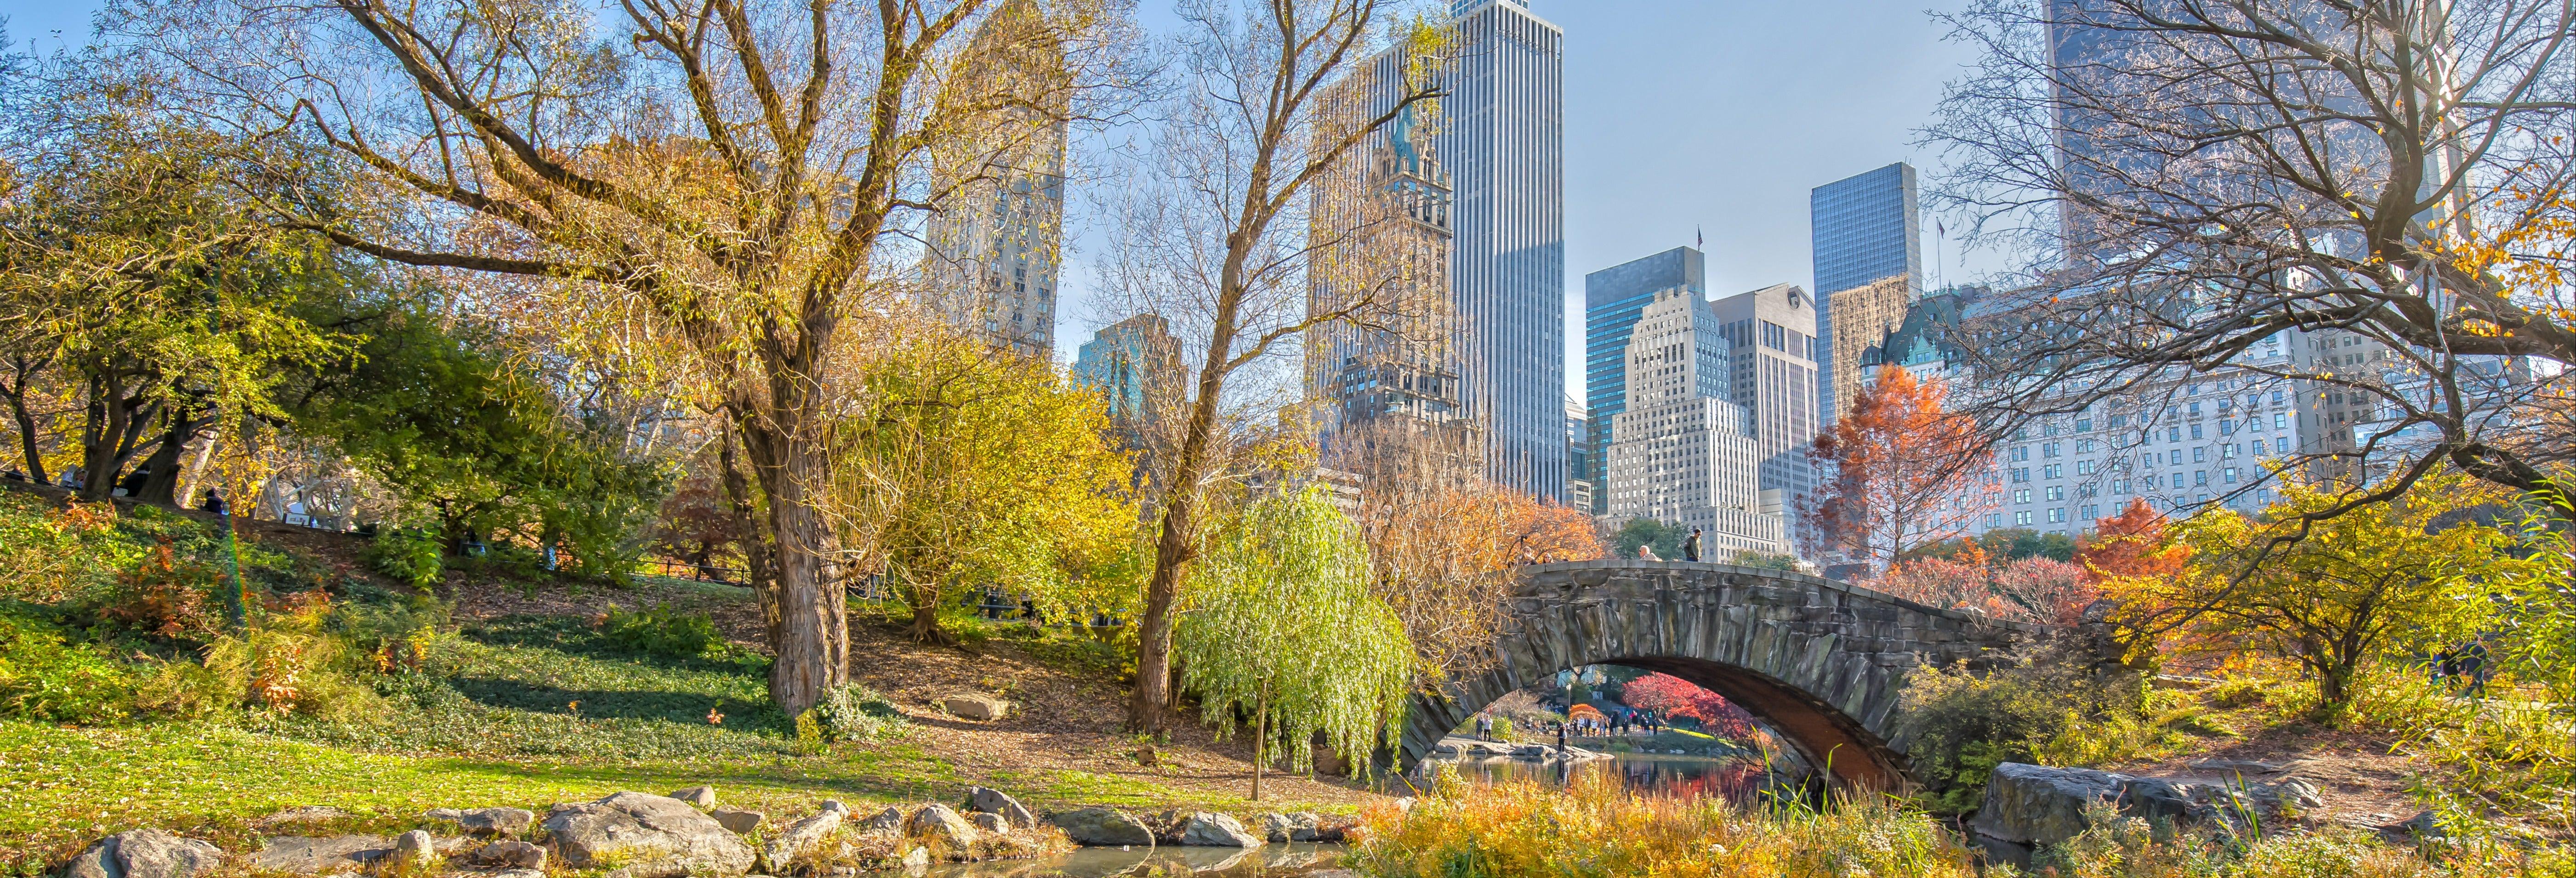 Visita guiada pelo Central Park